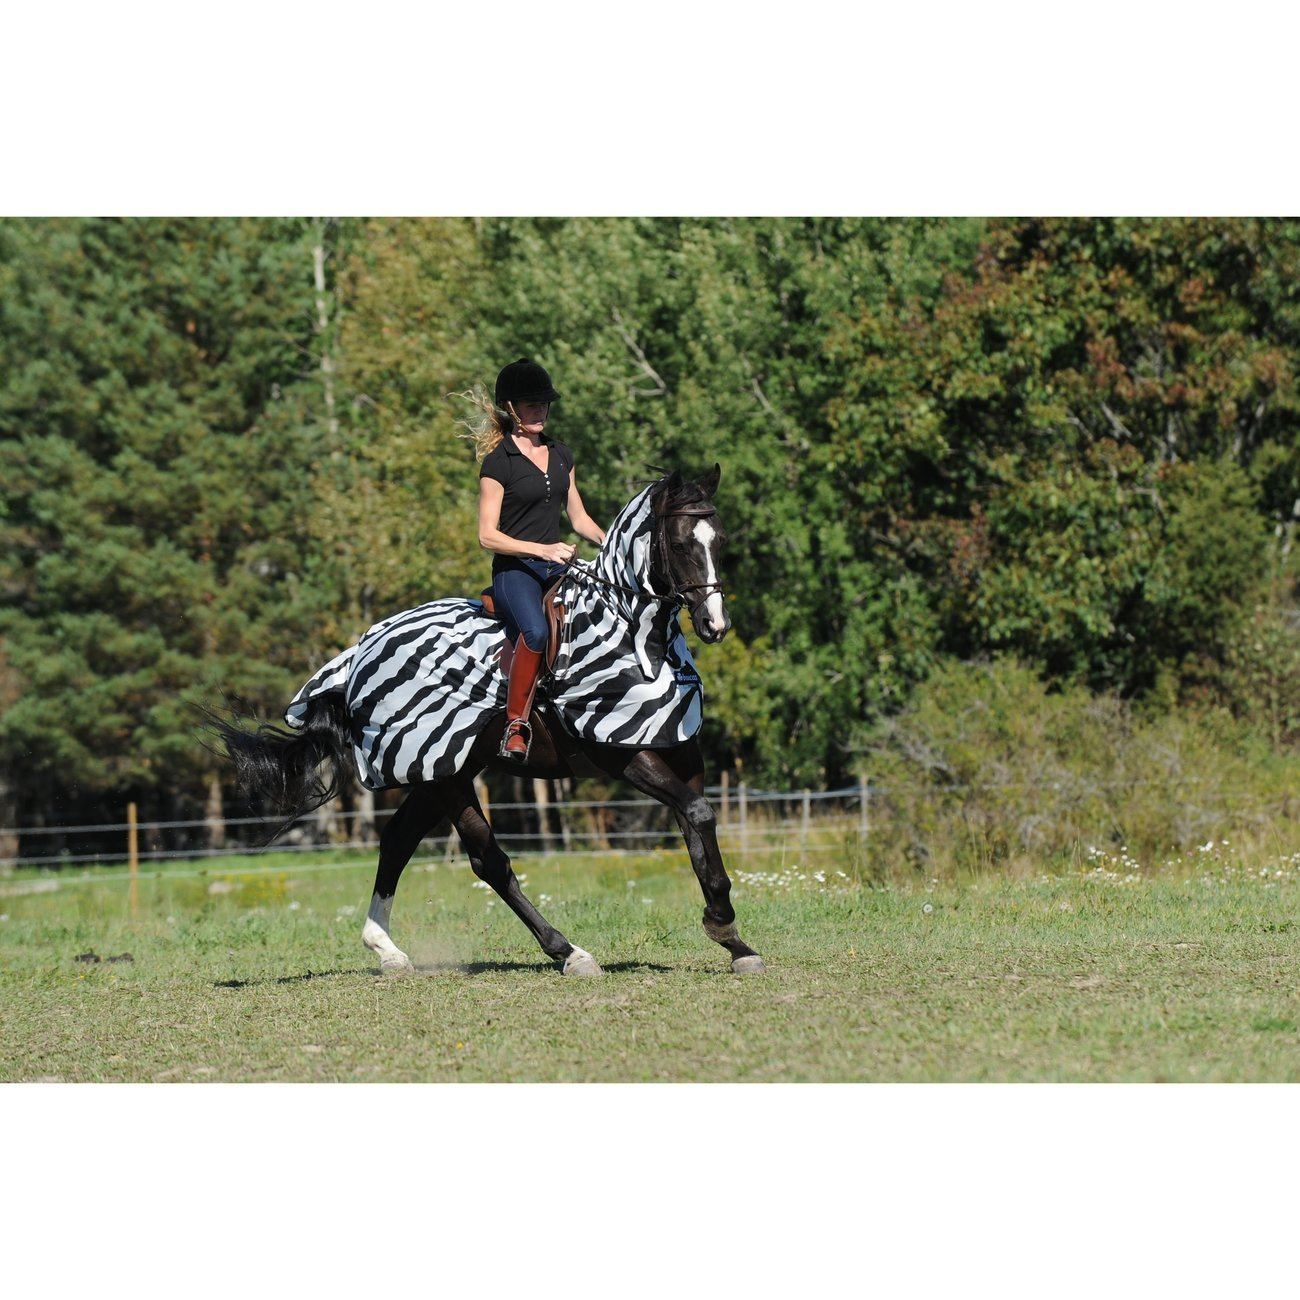 Buzz Off Riding Zebra Ausreitdecke Bild 5